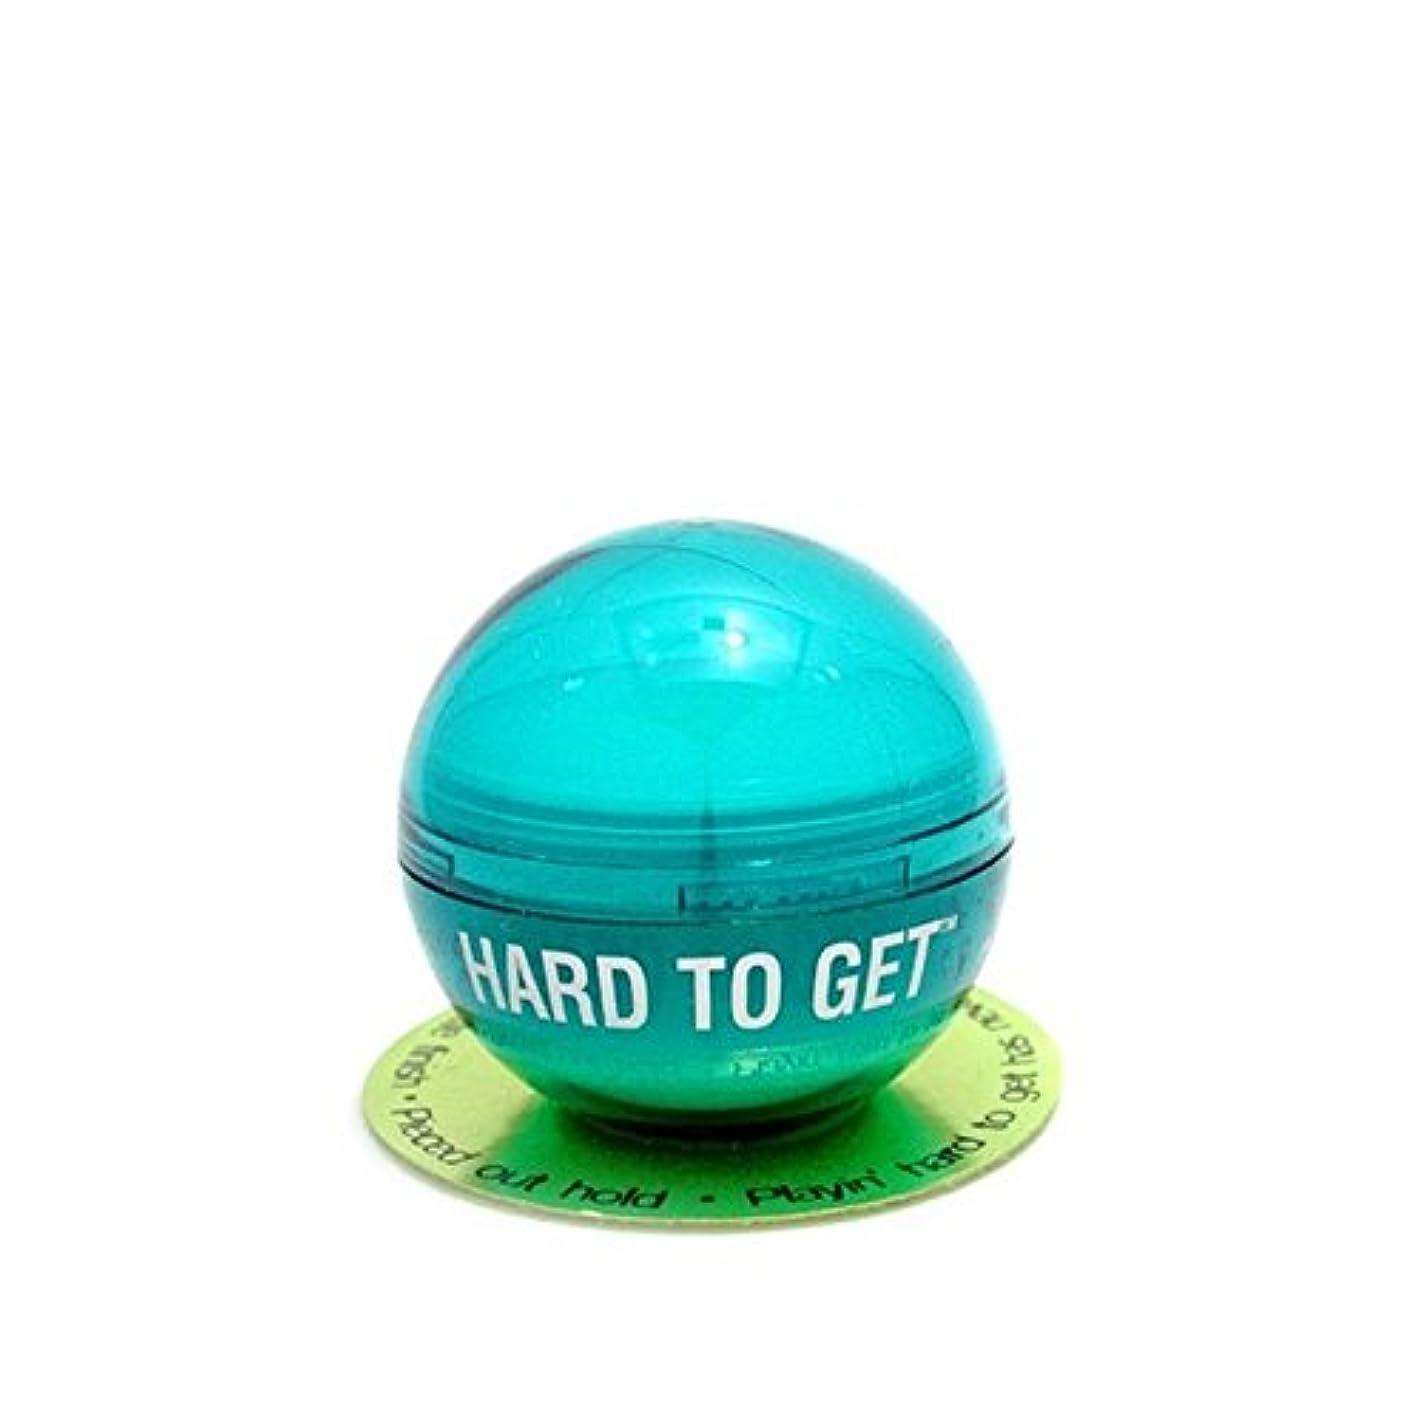 補体送料背が高いテクスチャーペーストを取得するのは難しいティジーベッドヘッド(42グラム) x4 - Tigi Bed Head Hard To Get Texturising Paste (42G) (Pack of 4) [並行輸入品]